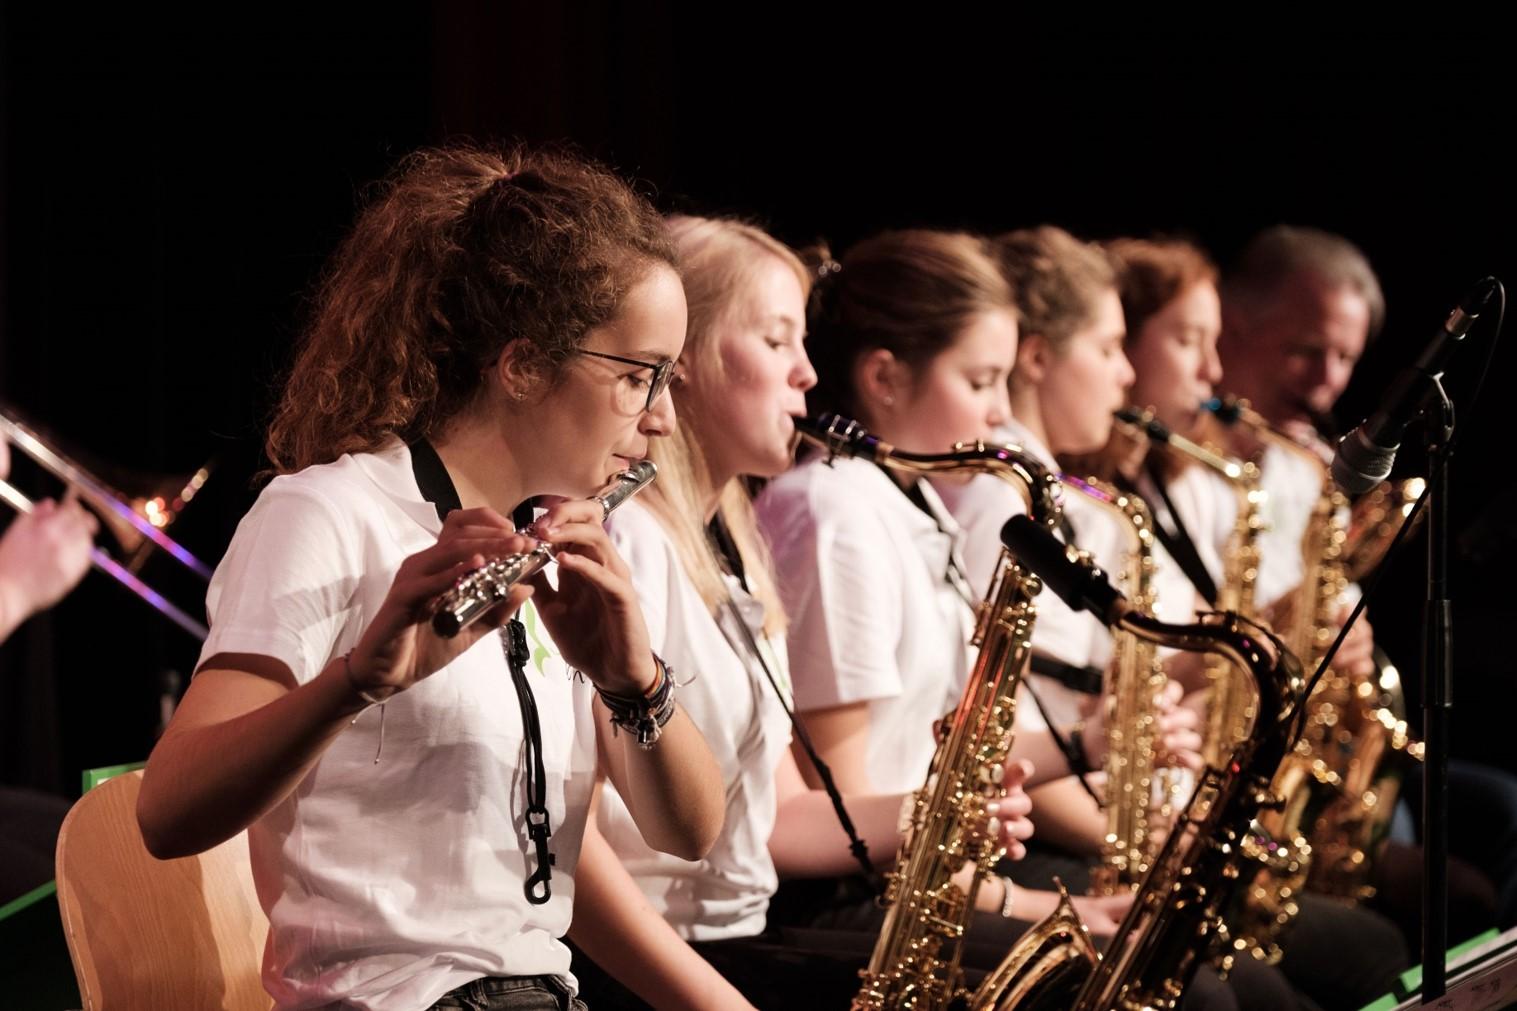 Vielfältige Aktivtäten der Bürgerstiftung Holzkirchen - Konzerte für junge Talente